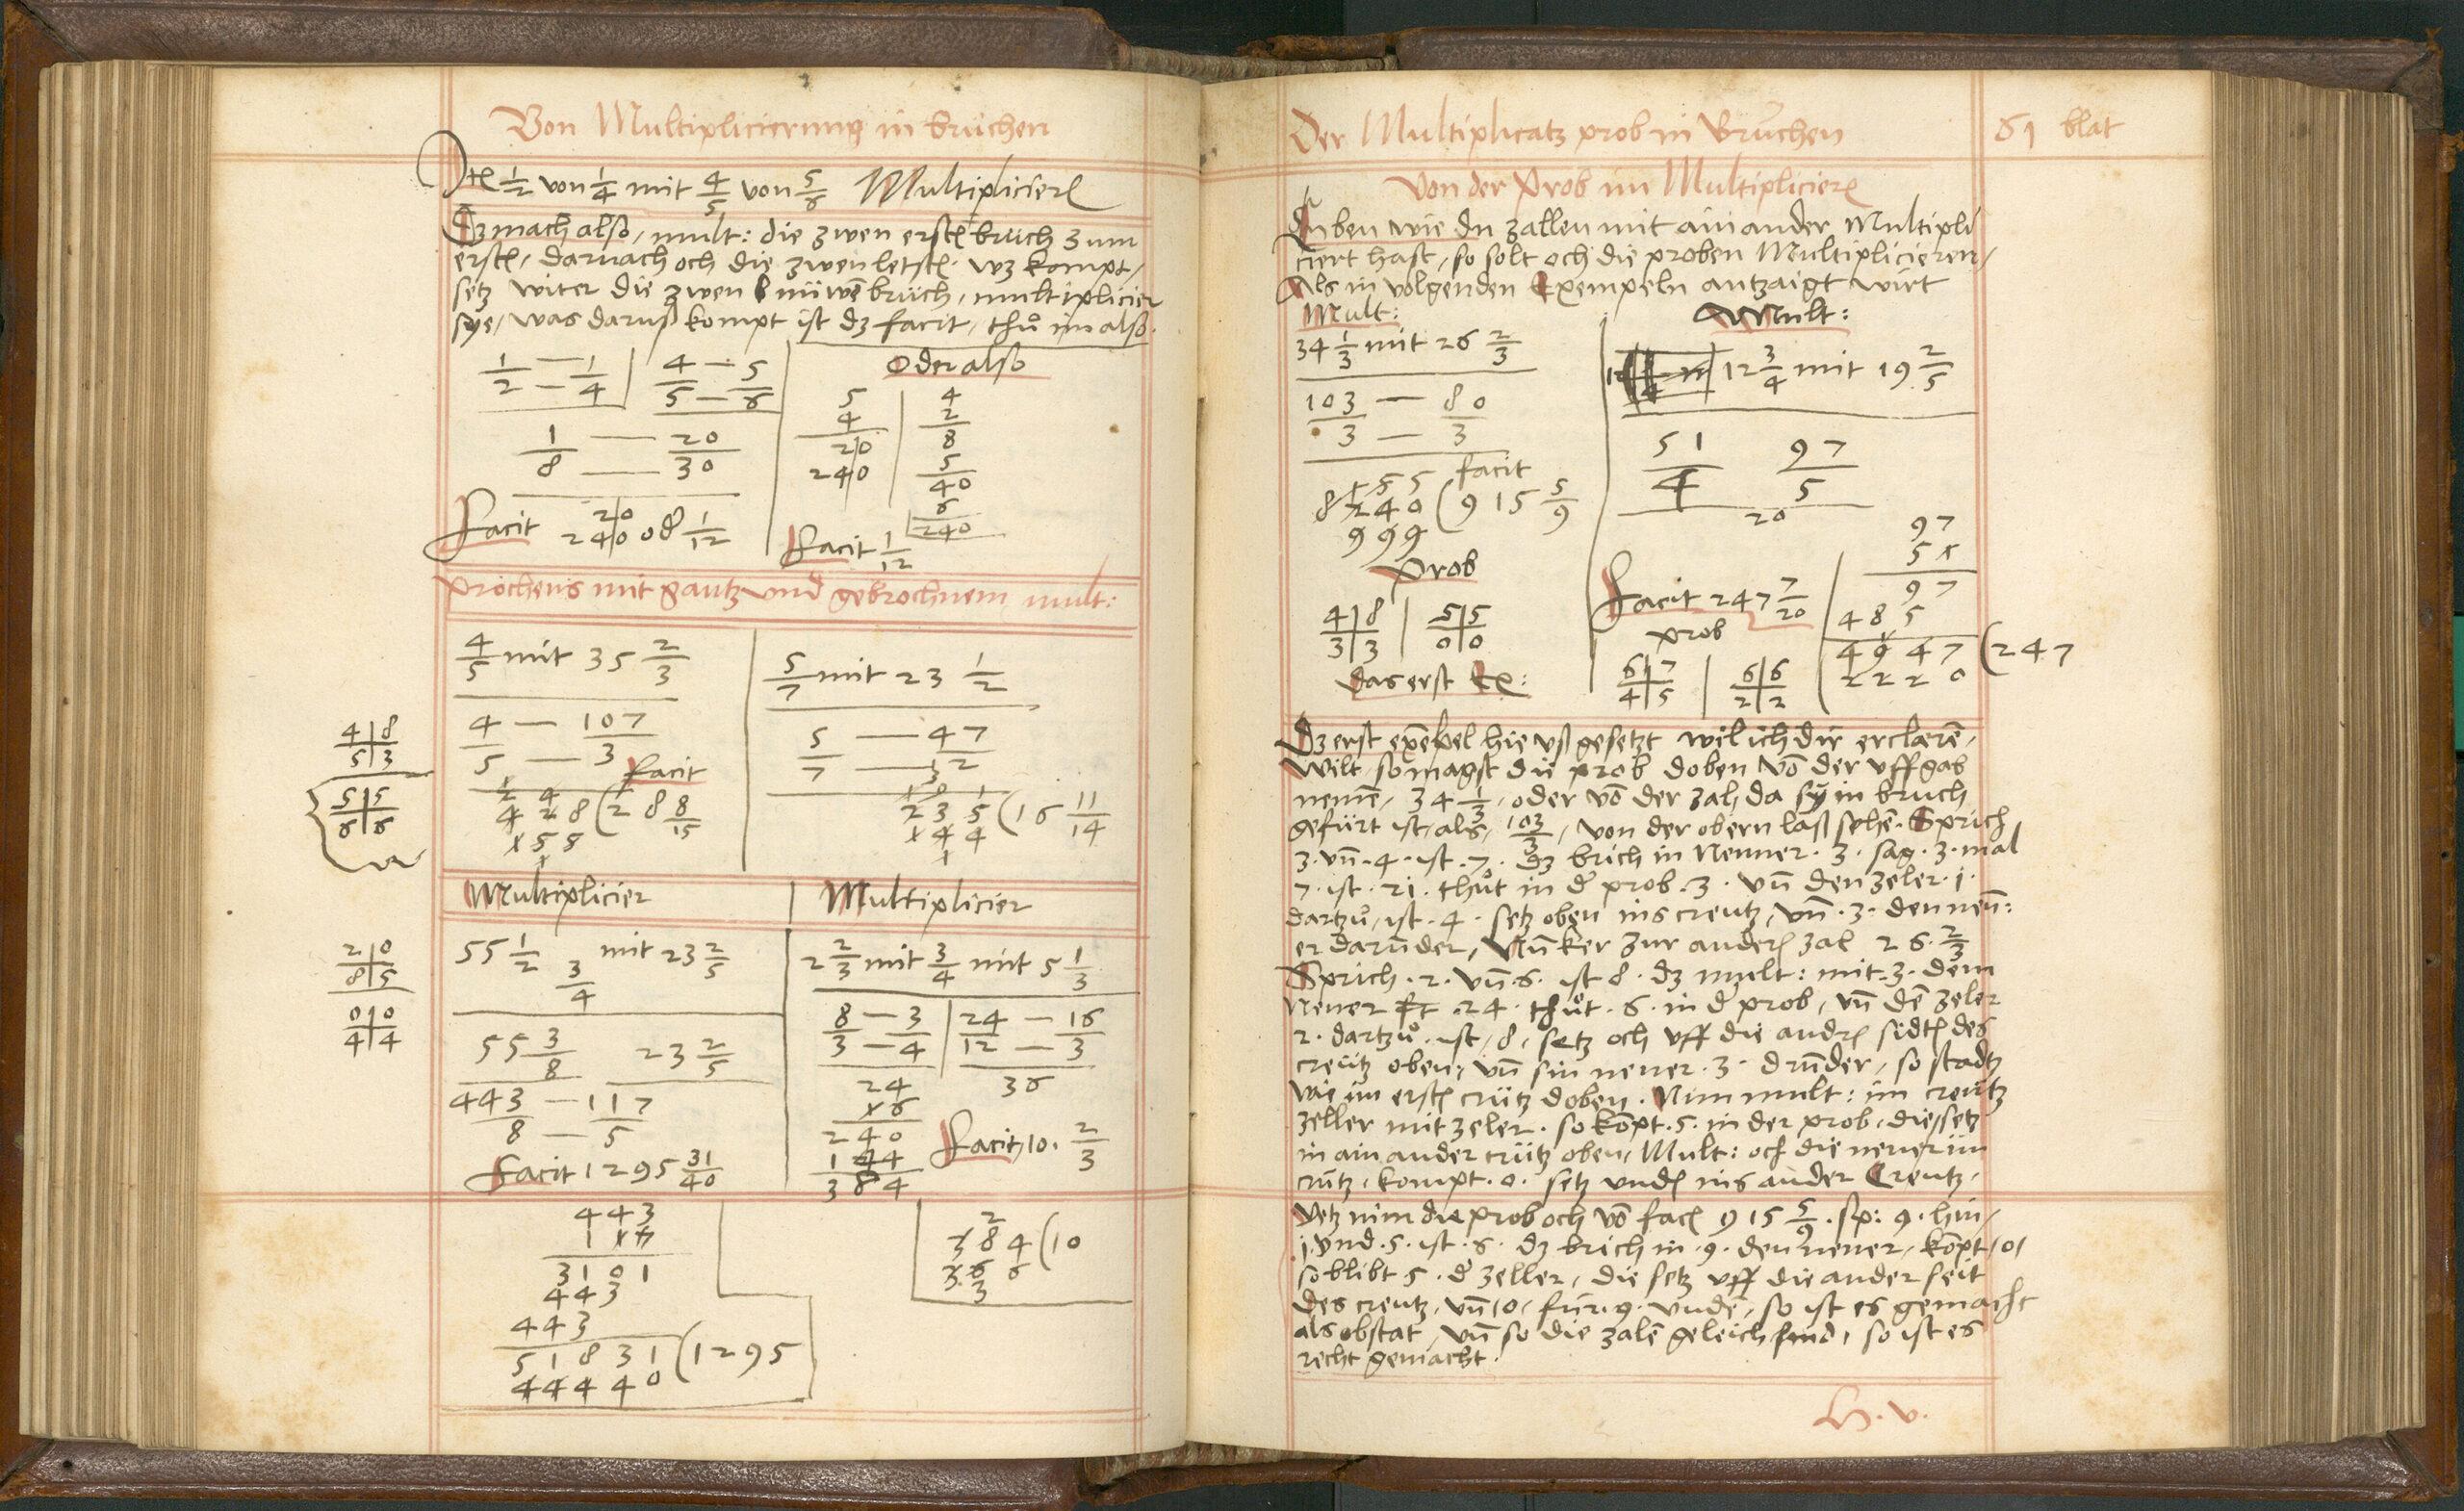 Kaufmännisches Rechnen anno 1546 – Ein schön und nutzlichs Rechenbüchlin von Clemens Hör